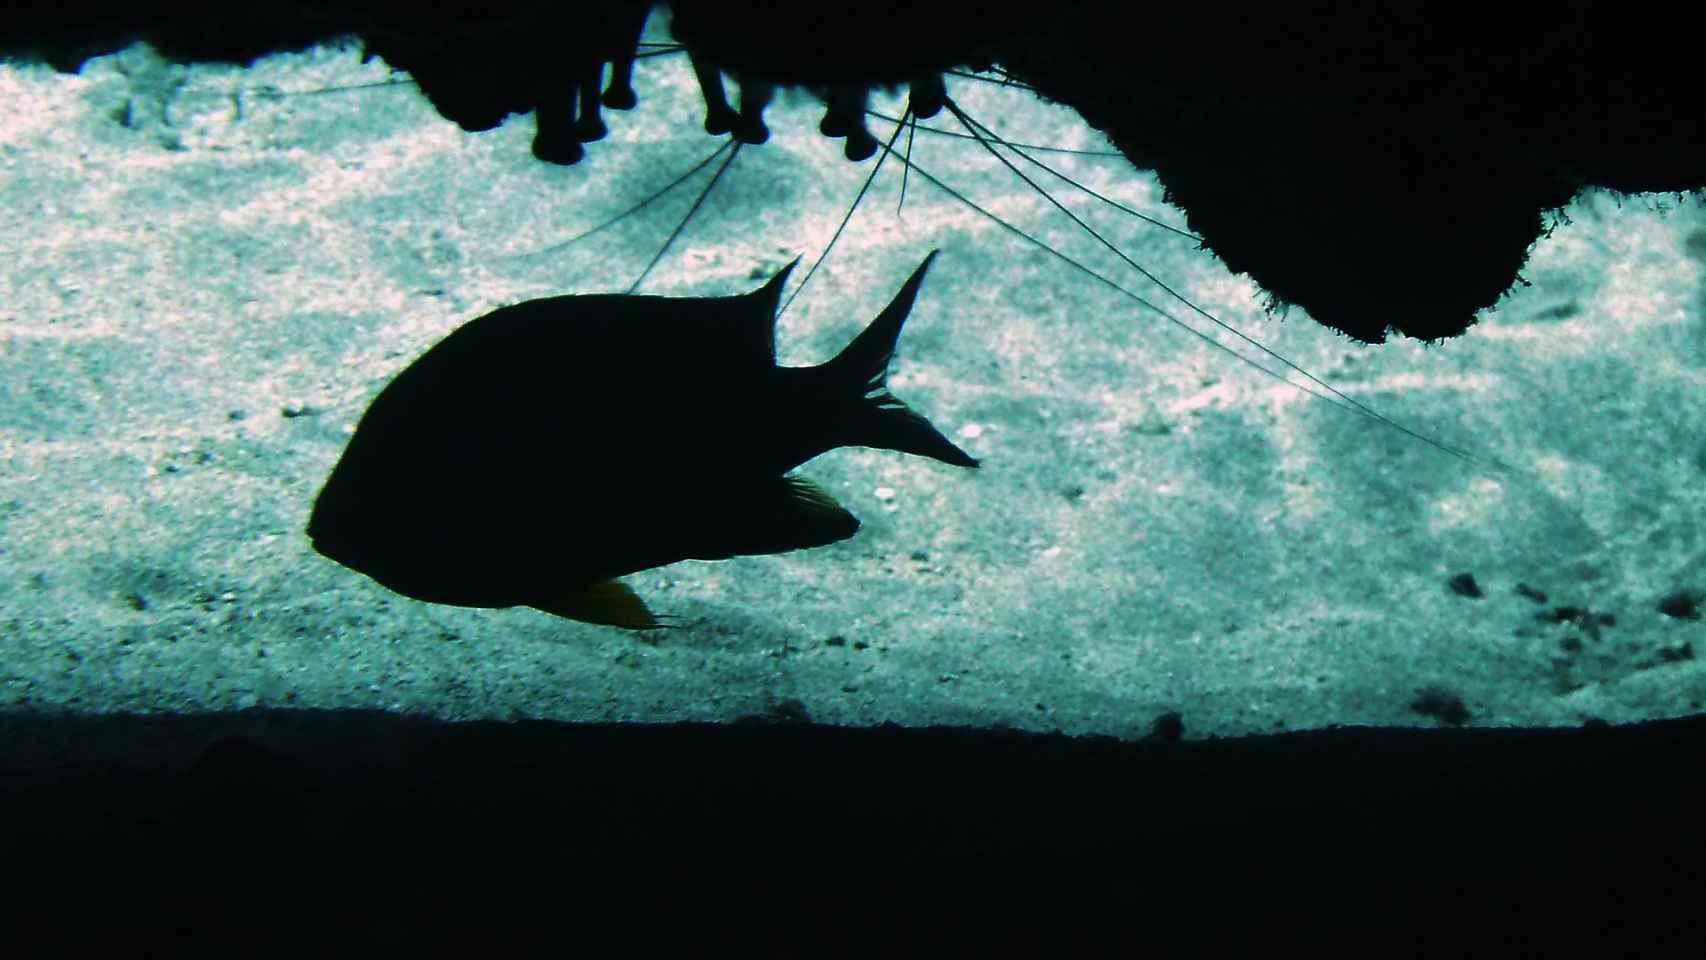 La Cueva de los peces de Alicante, un peligroso paraíso subterráneo